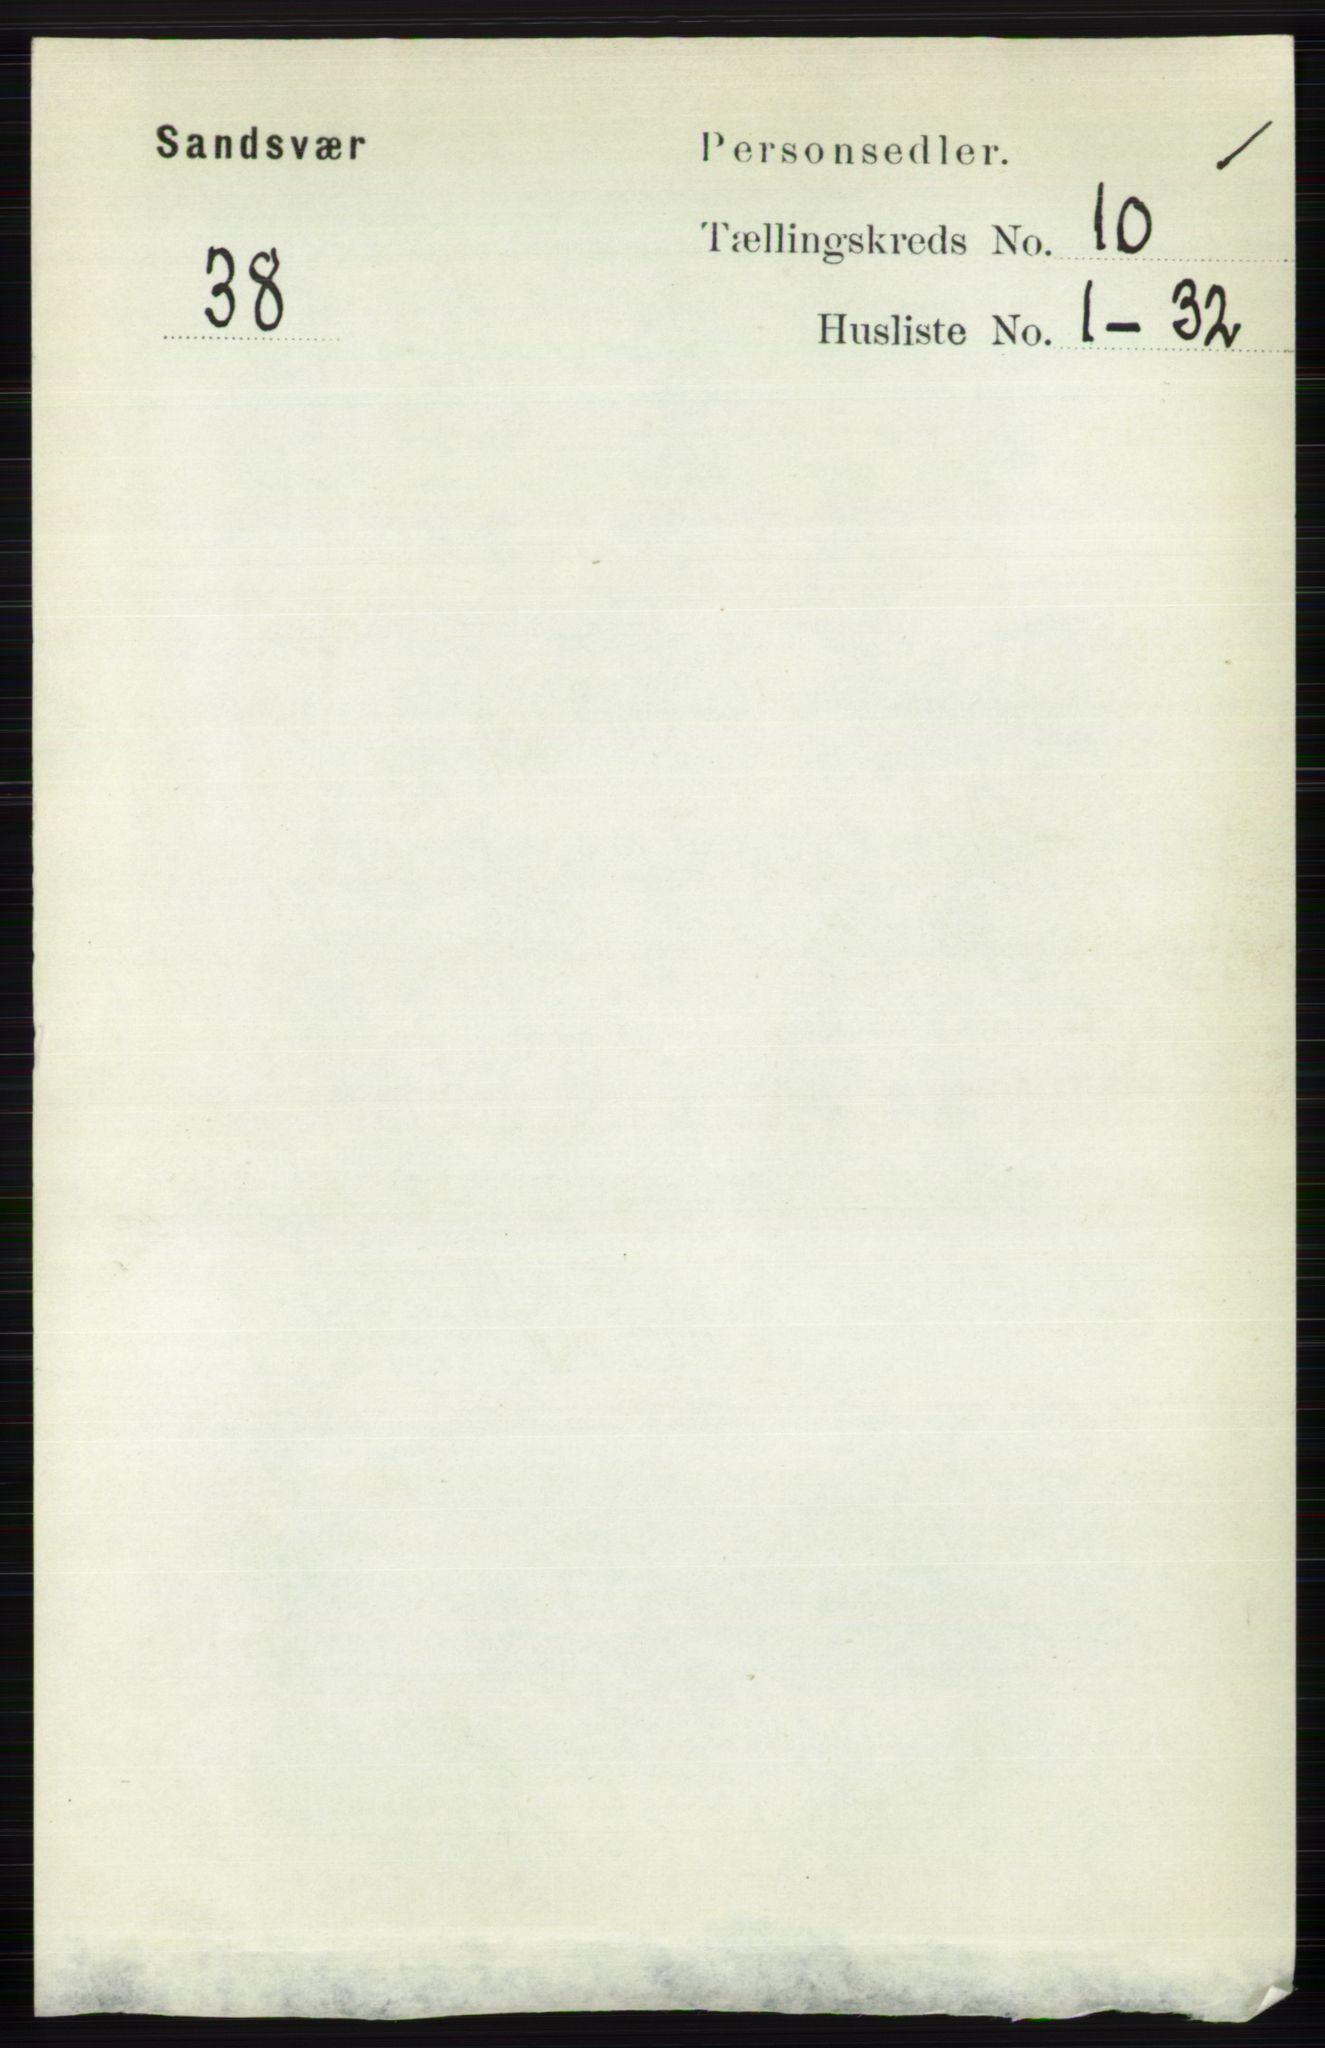 RA, Folketelling 1891 for 0629 Sandsvær herred, 1891, s. 4922